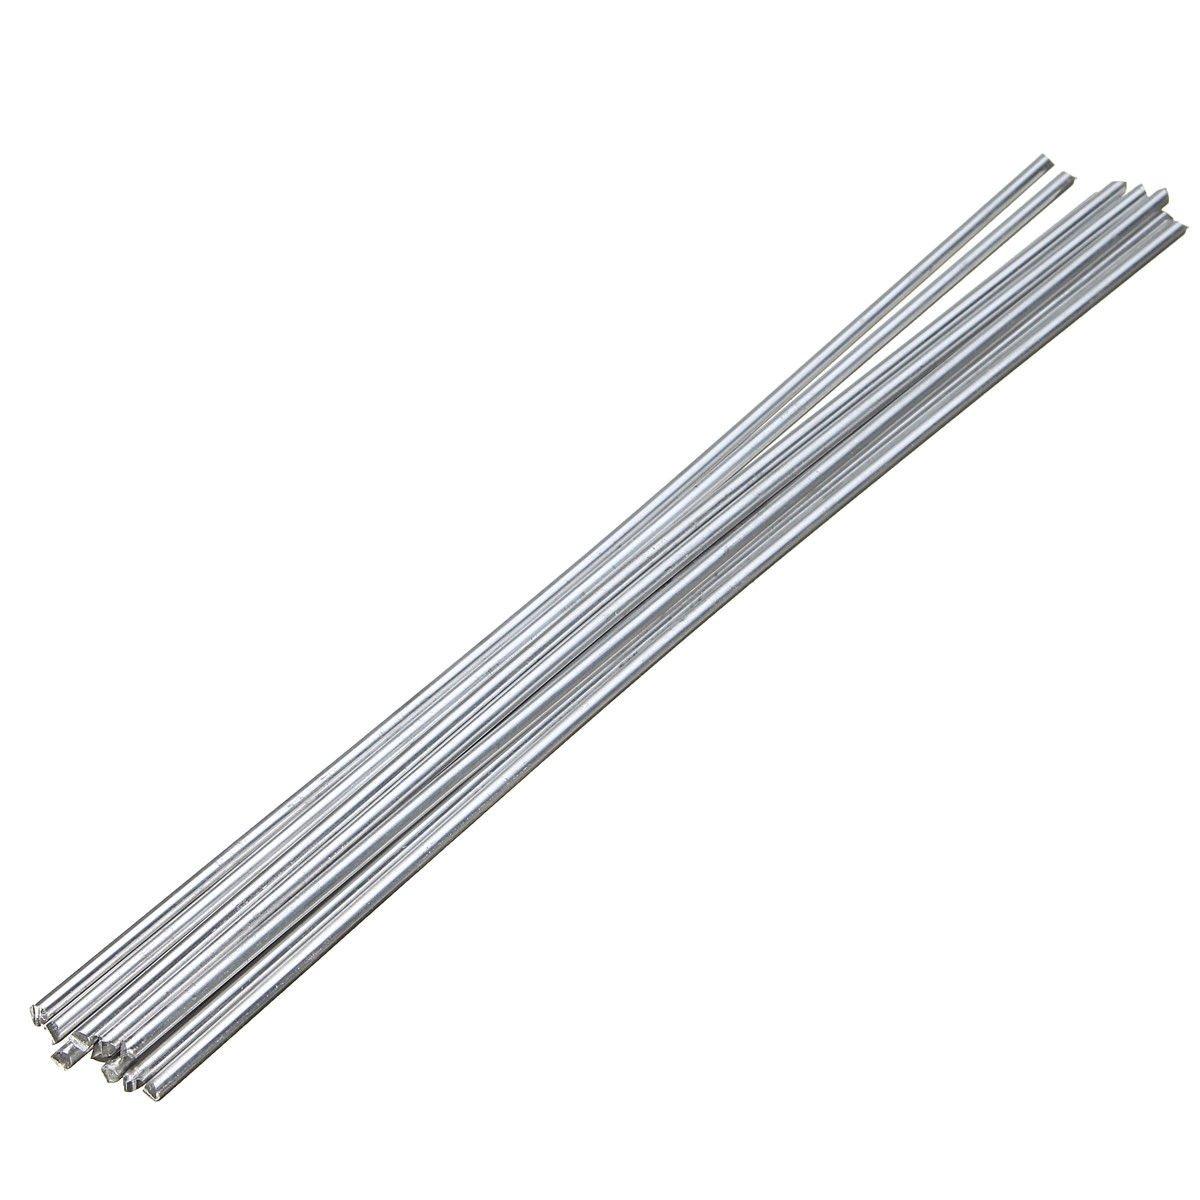 10Pcs Low Temperature Alumaloy Aluminum Repair Rods 3.2mmx230mm Welding Machine